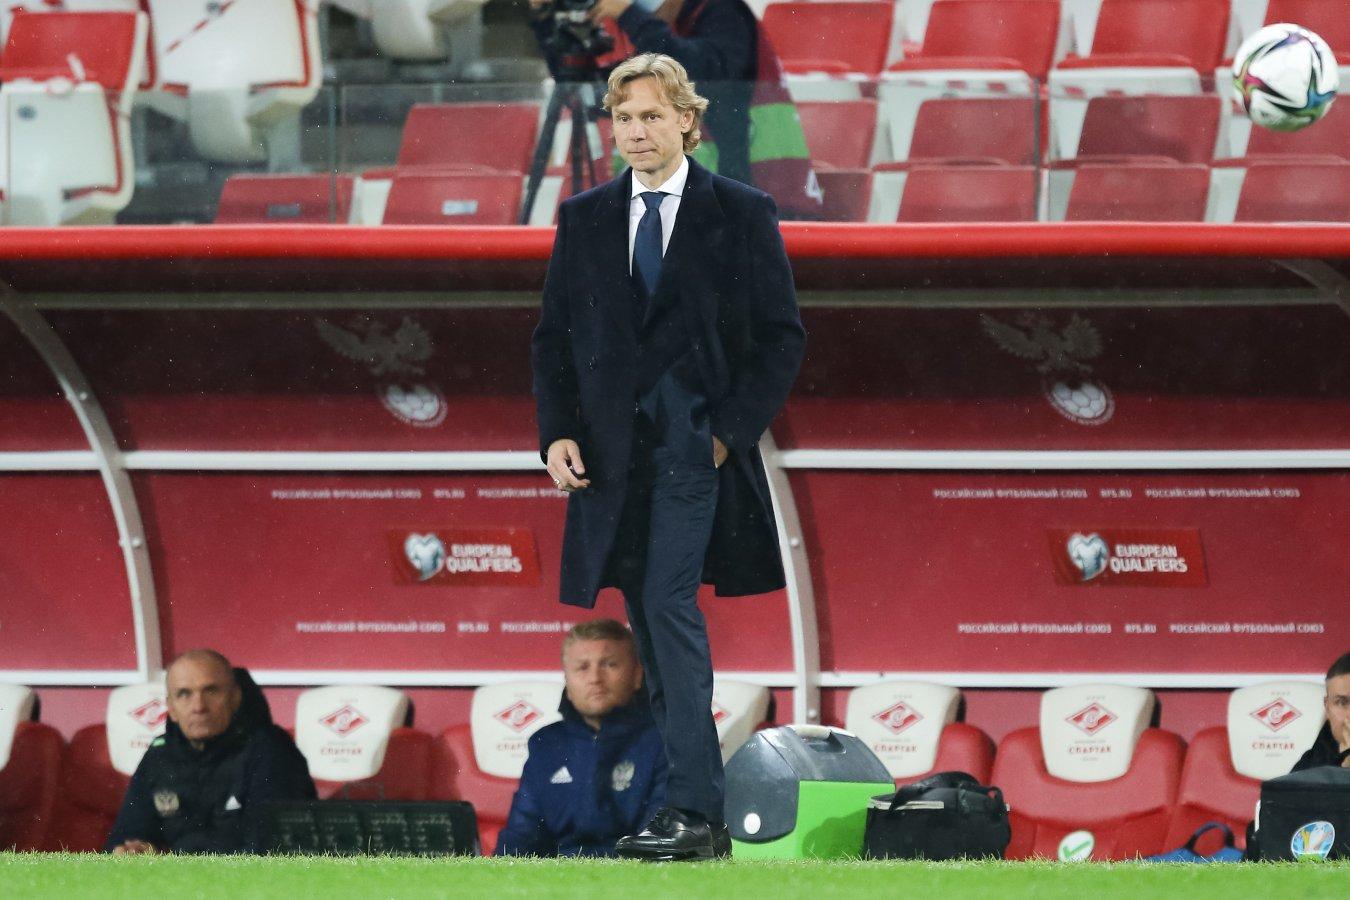 Помощник Путина оценил работу Карпина на посту главного тренера сборной России